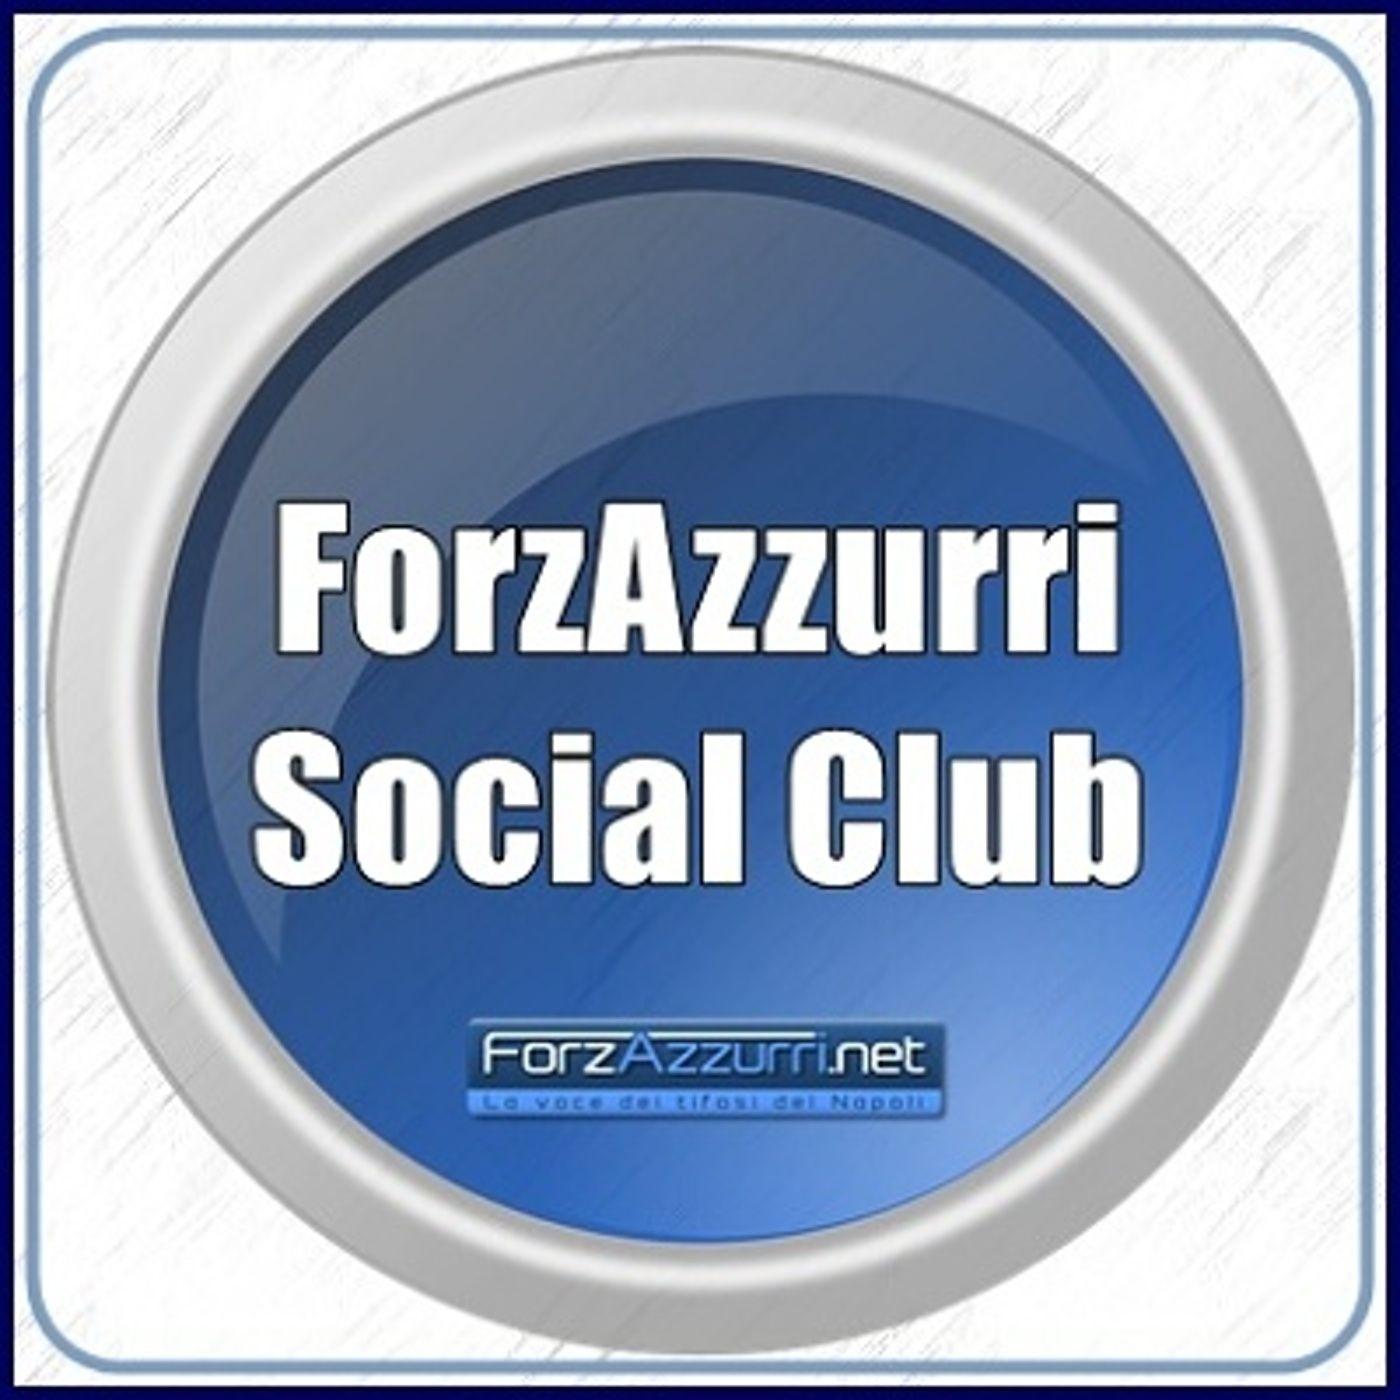 """ForzAzzurri Social Club - Speciale """"Facciamoci compagnia"""""""